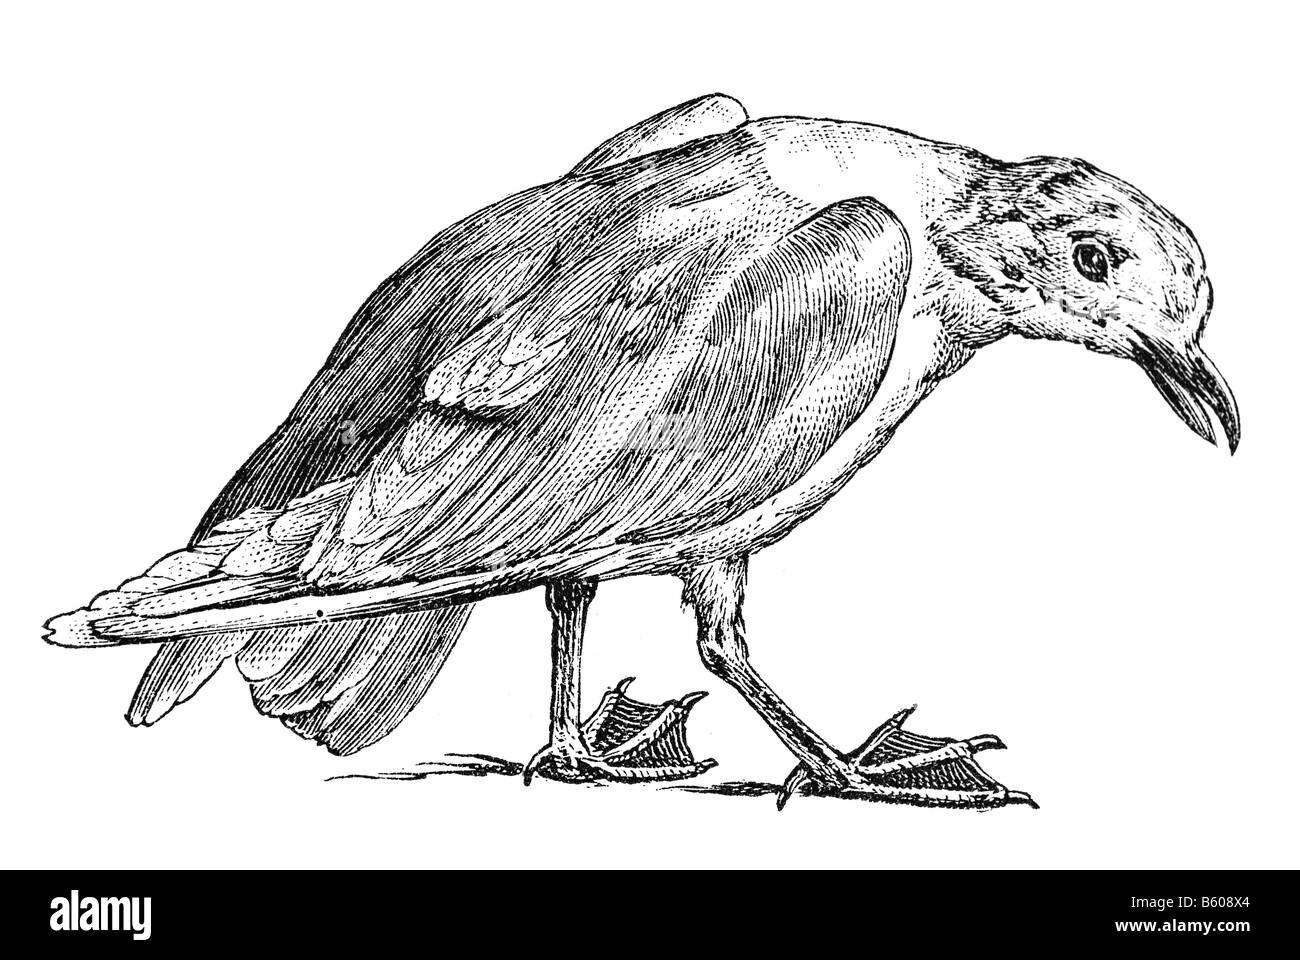 Mediterranean Gull, (Larus melanocephalus) (Ichthyaetus melanocephalus) - Stock Image